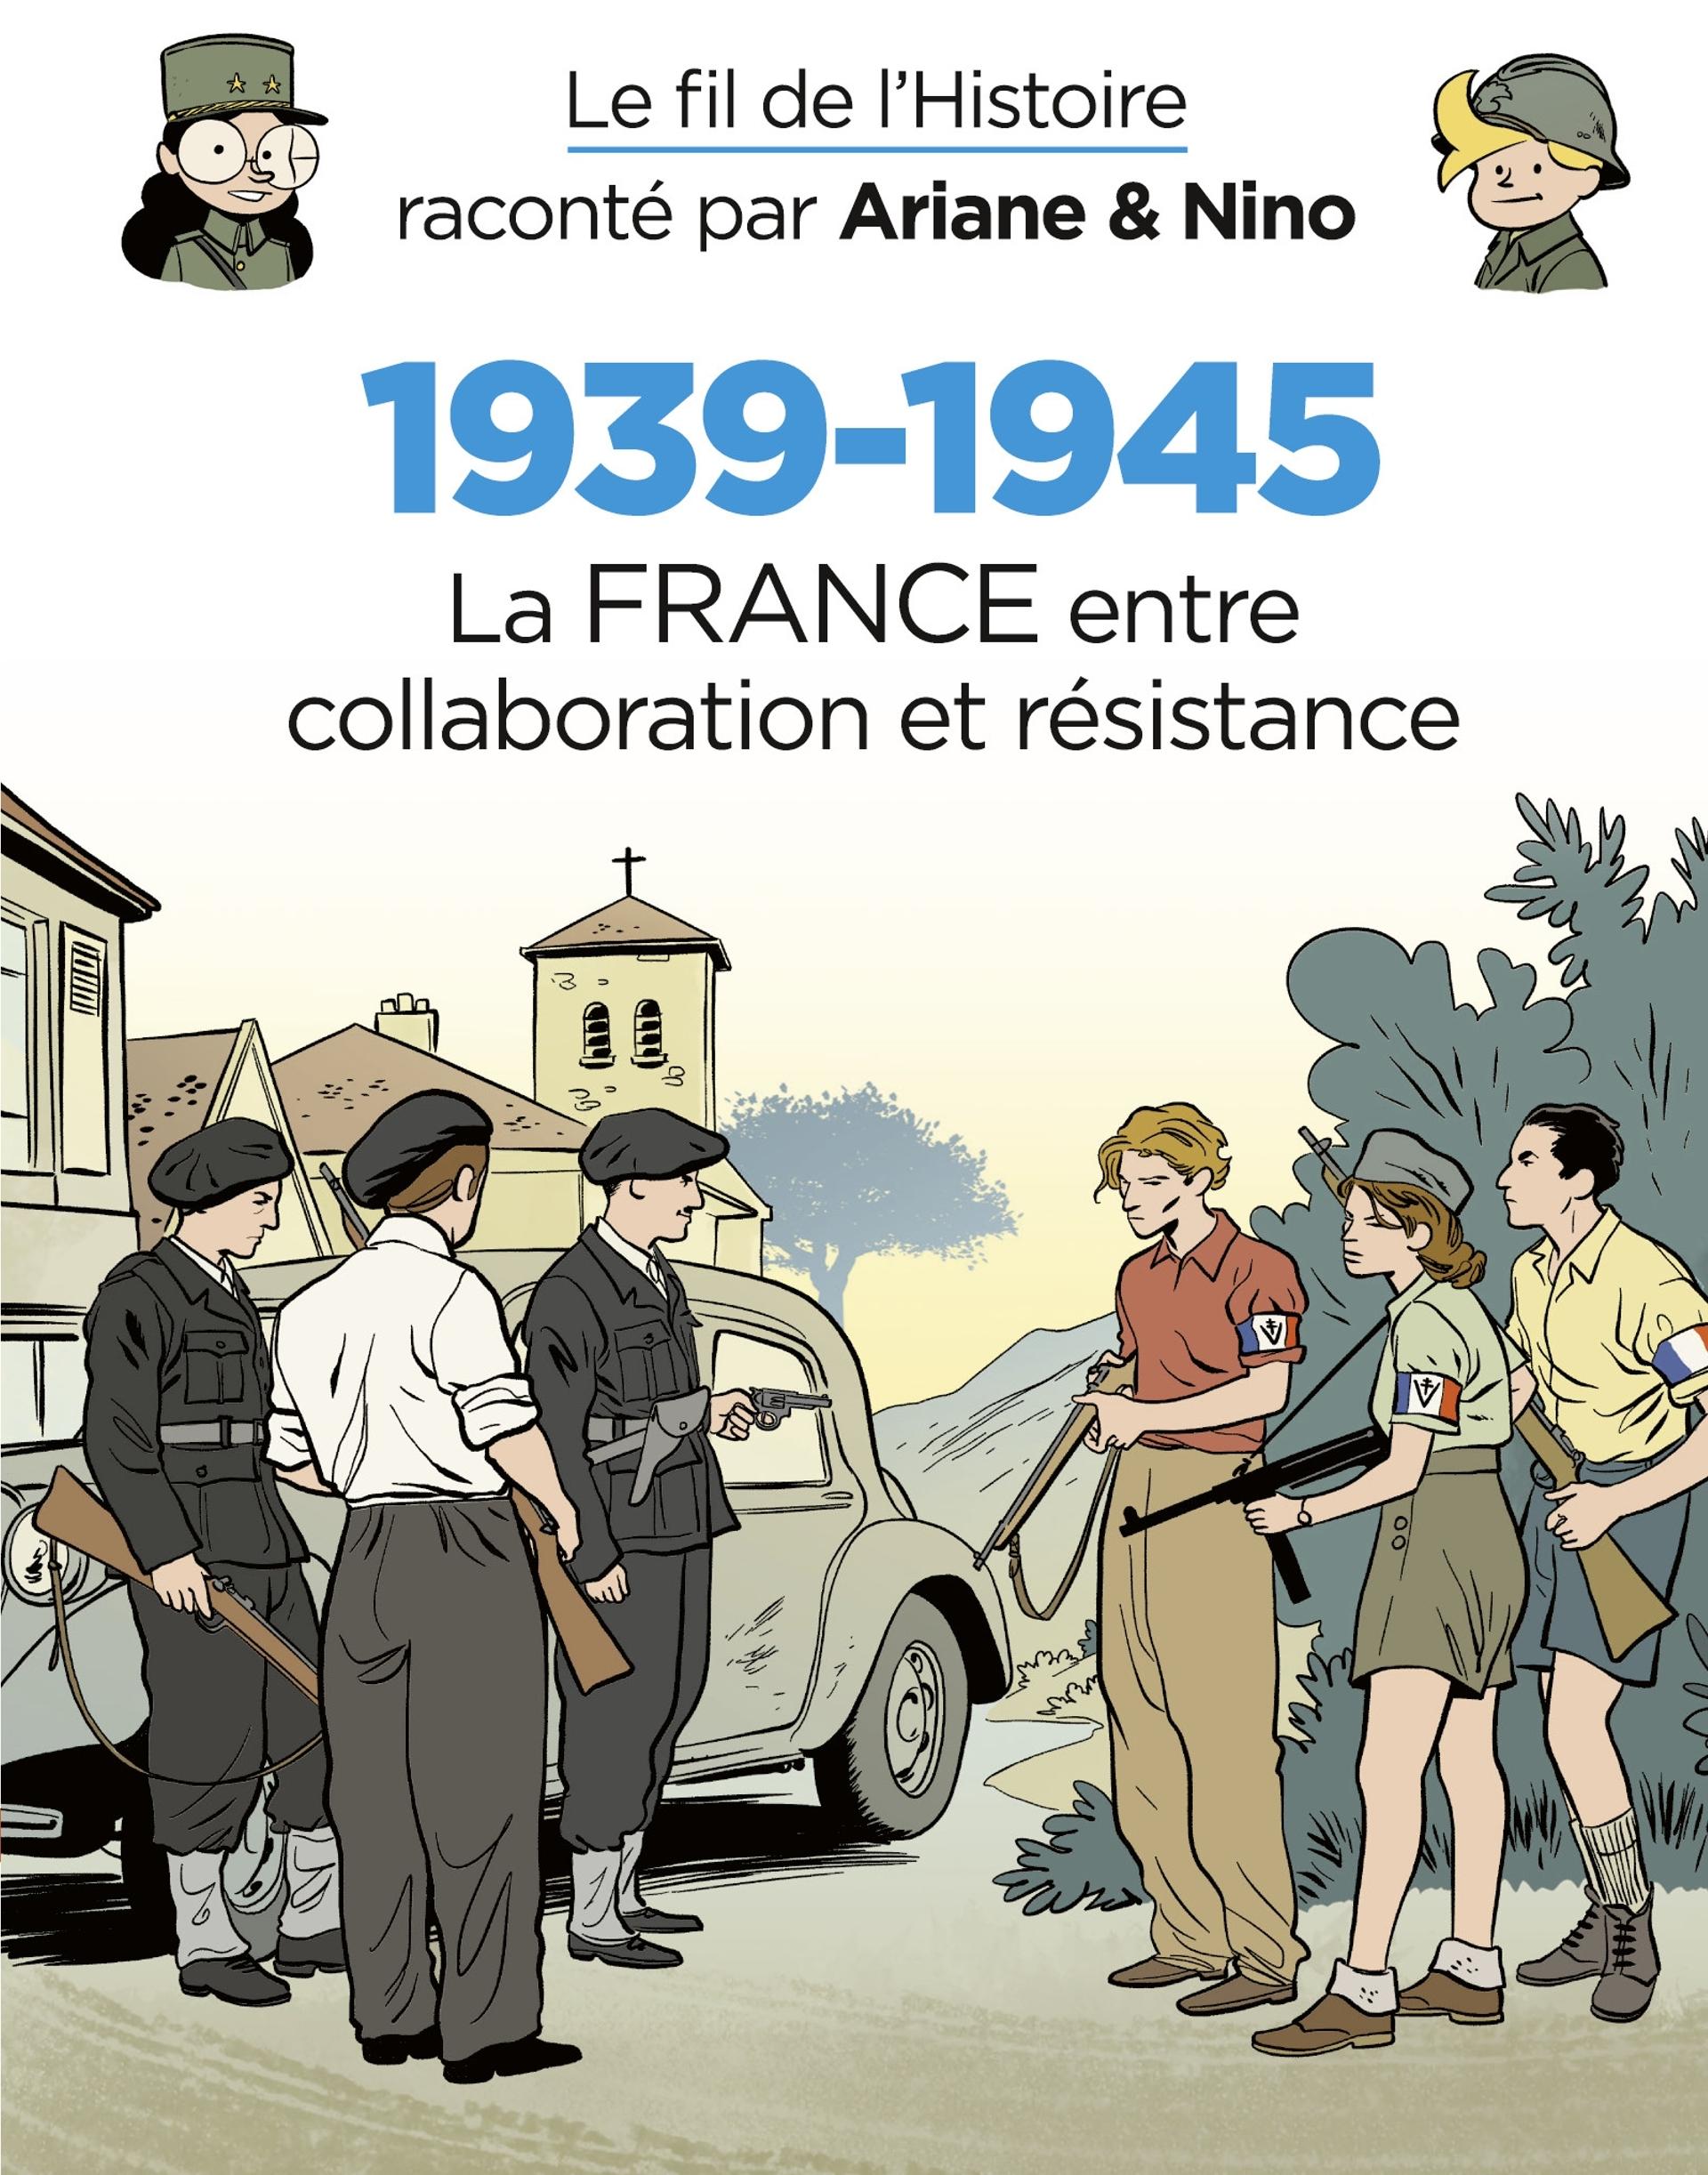 27 - 1939-1945 - La France entre collaboration et résistance